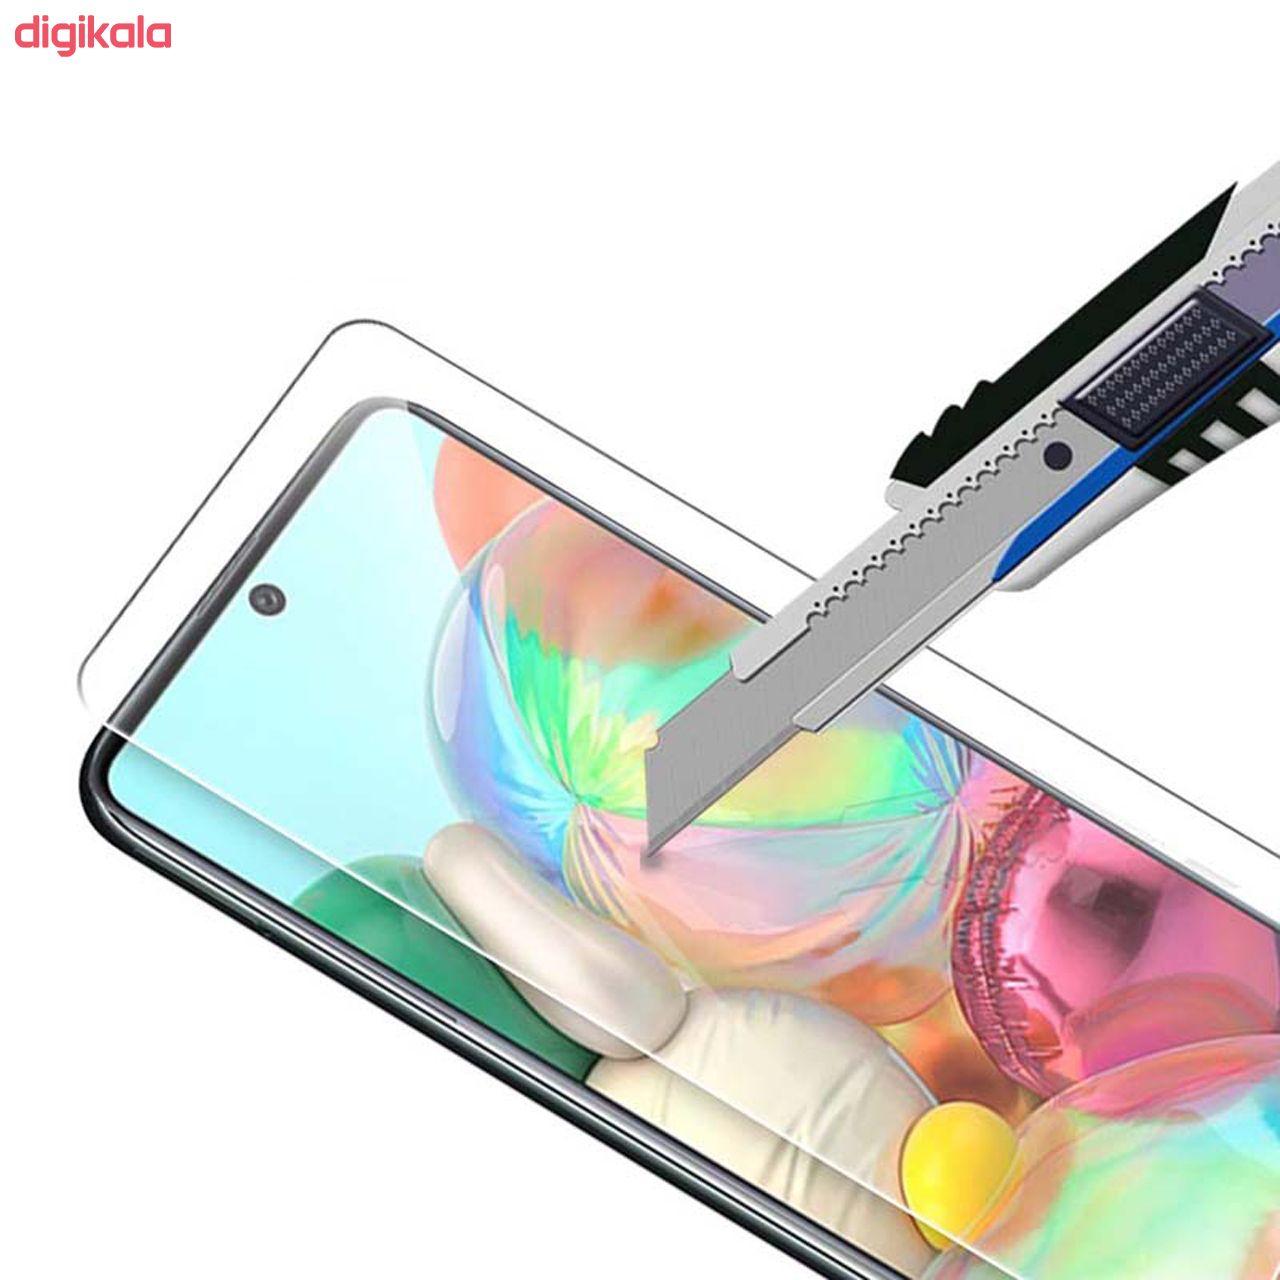 محافظ صفحه نمایش سیحان مدل CLT مناسب برای گوشی موبایل سامسونگ Galaxy A51 main 1 7